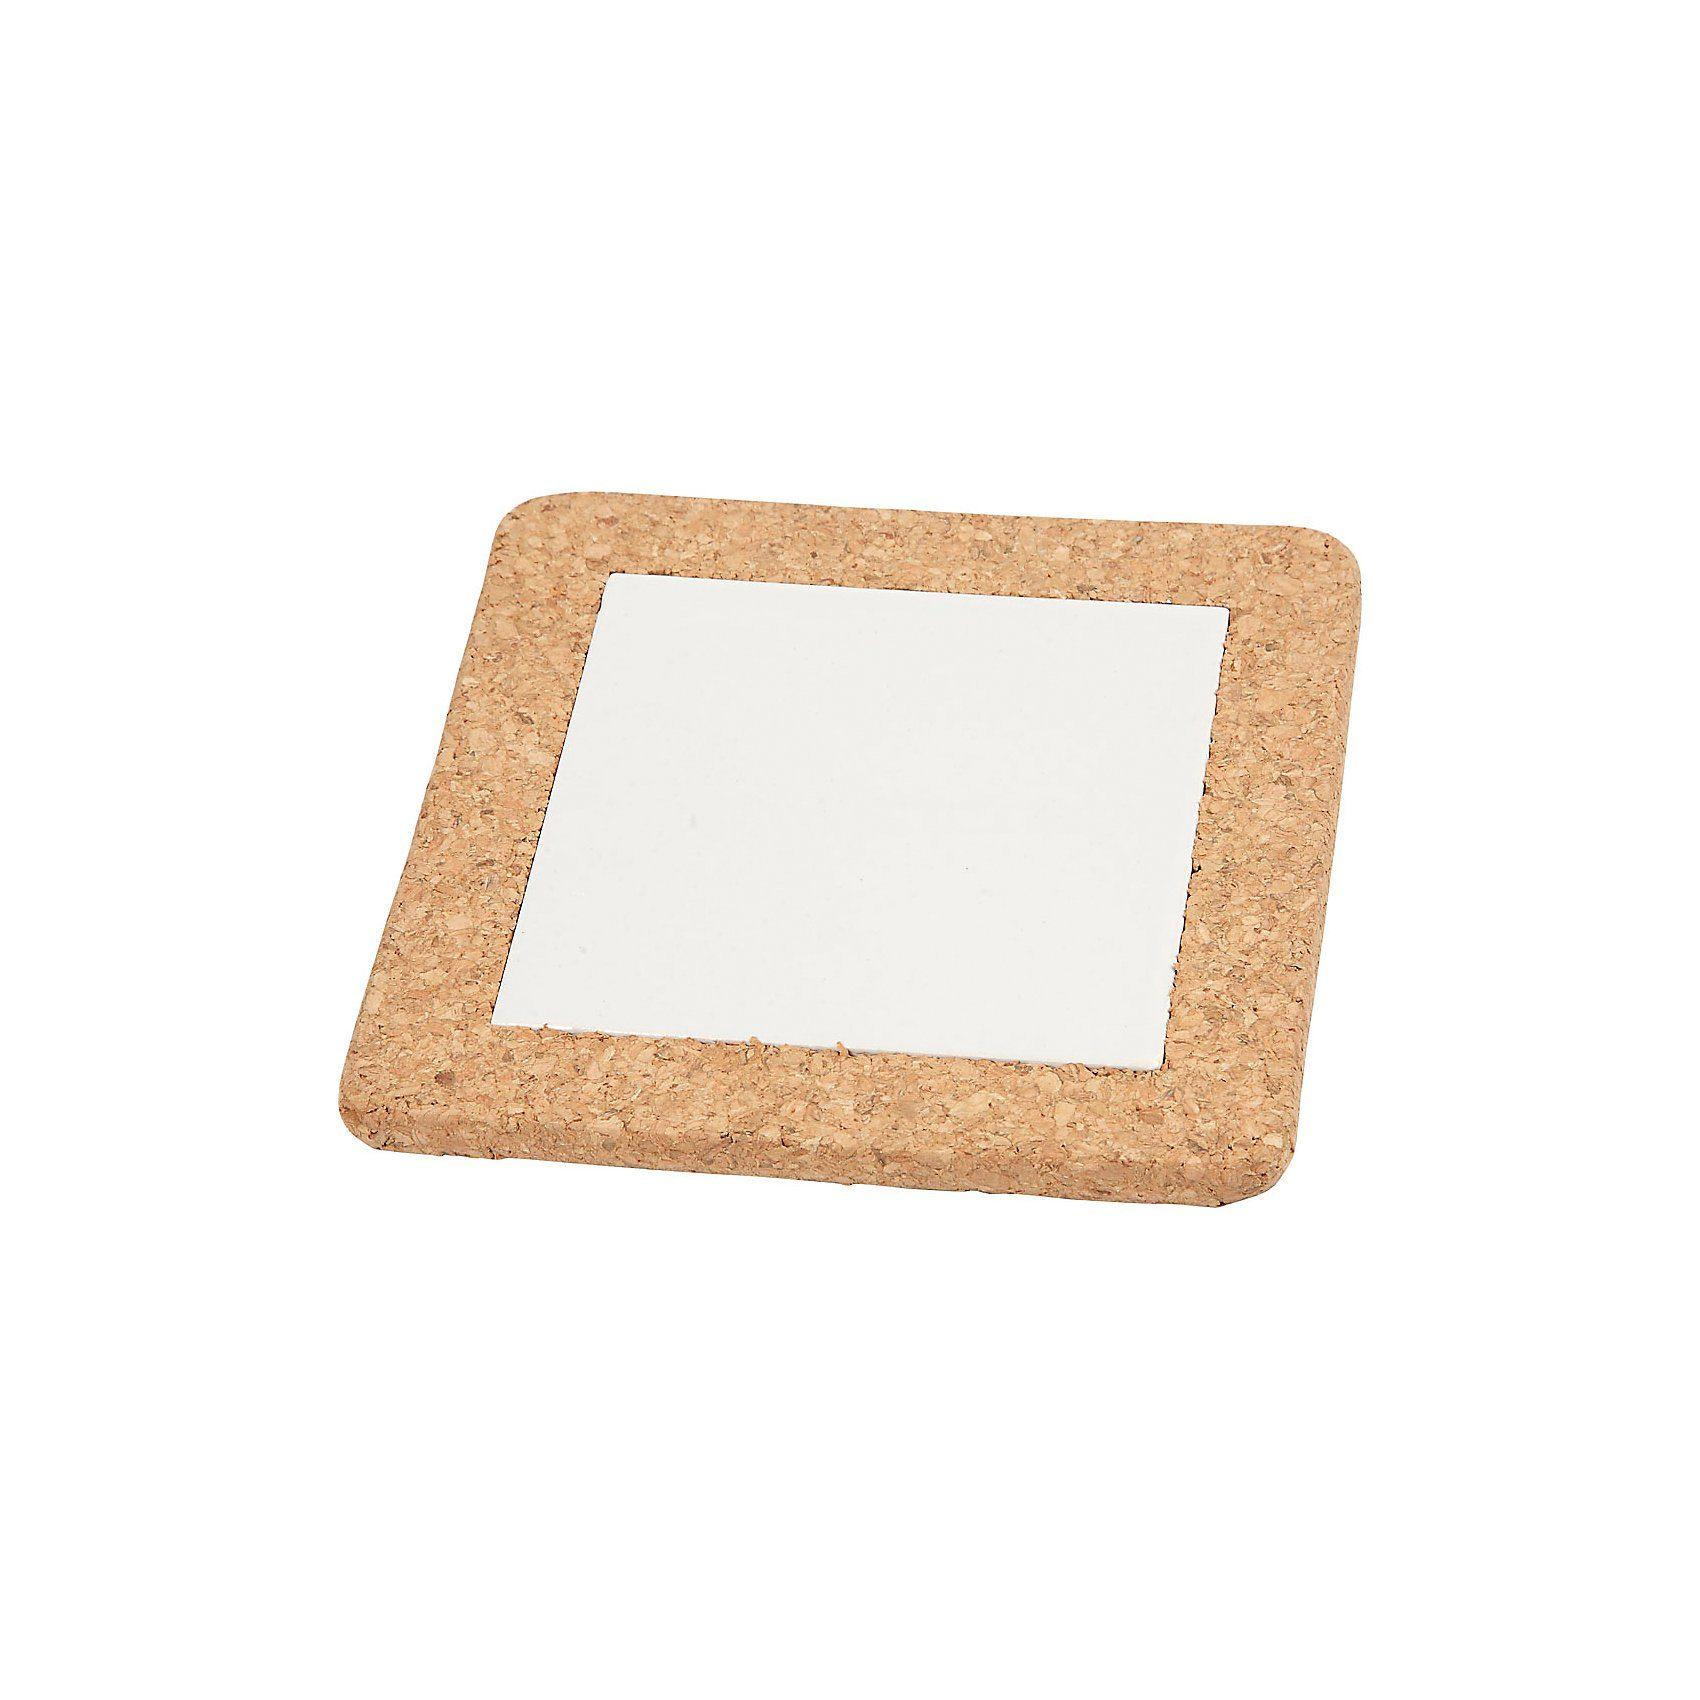 Untersetzer mit Korkrahmen, Außenmaße 15x15x1 cm, Innenmaße